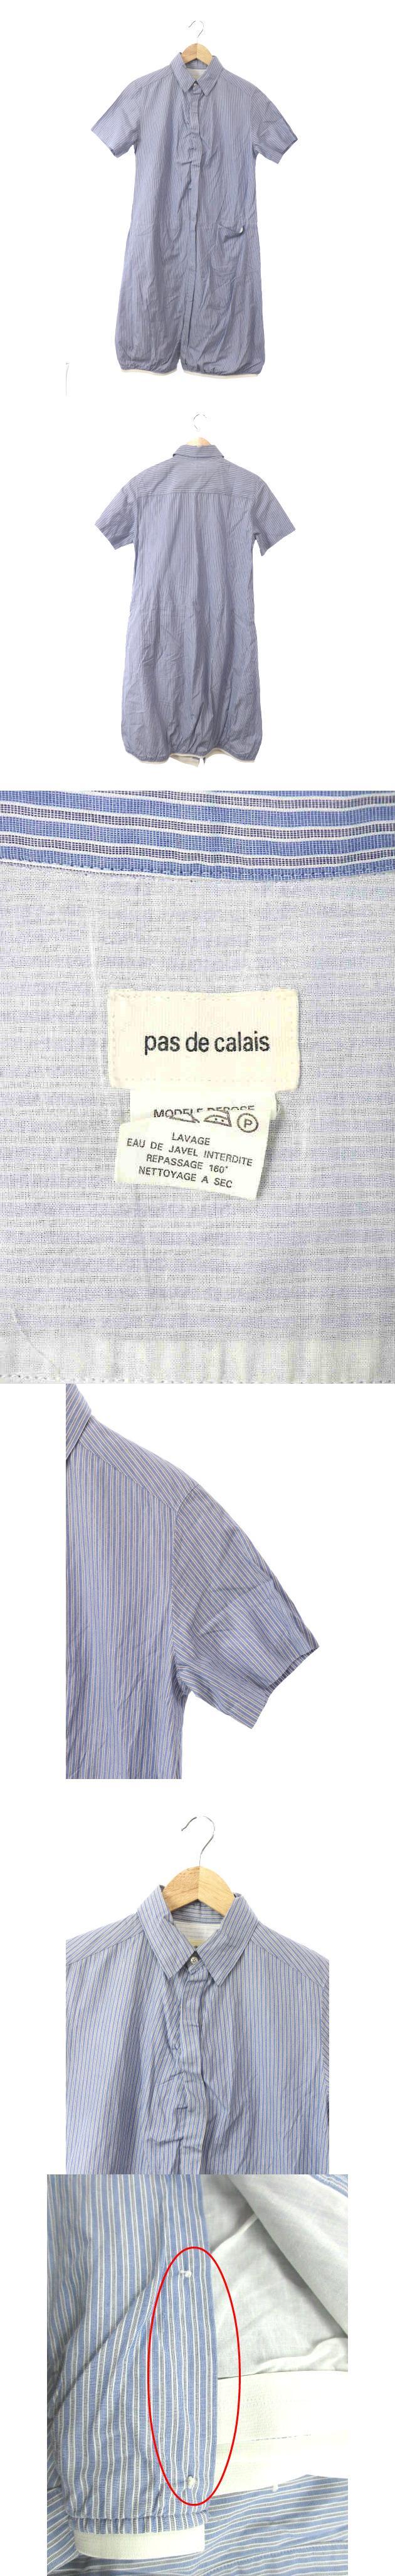 ワンピース シャツ 半袖 ロング ミモレ ストライプ 青 ブルー /MY6